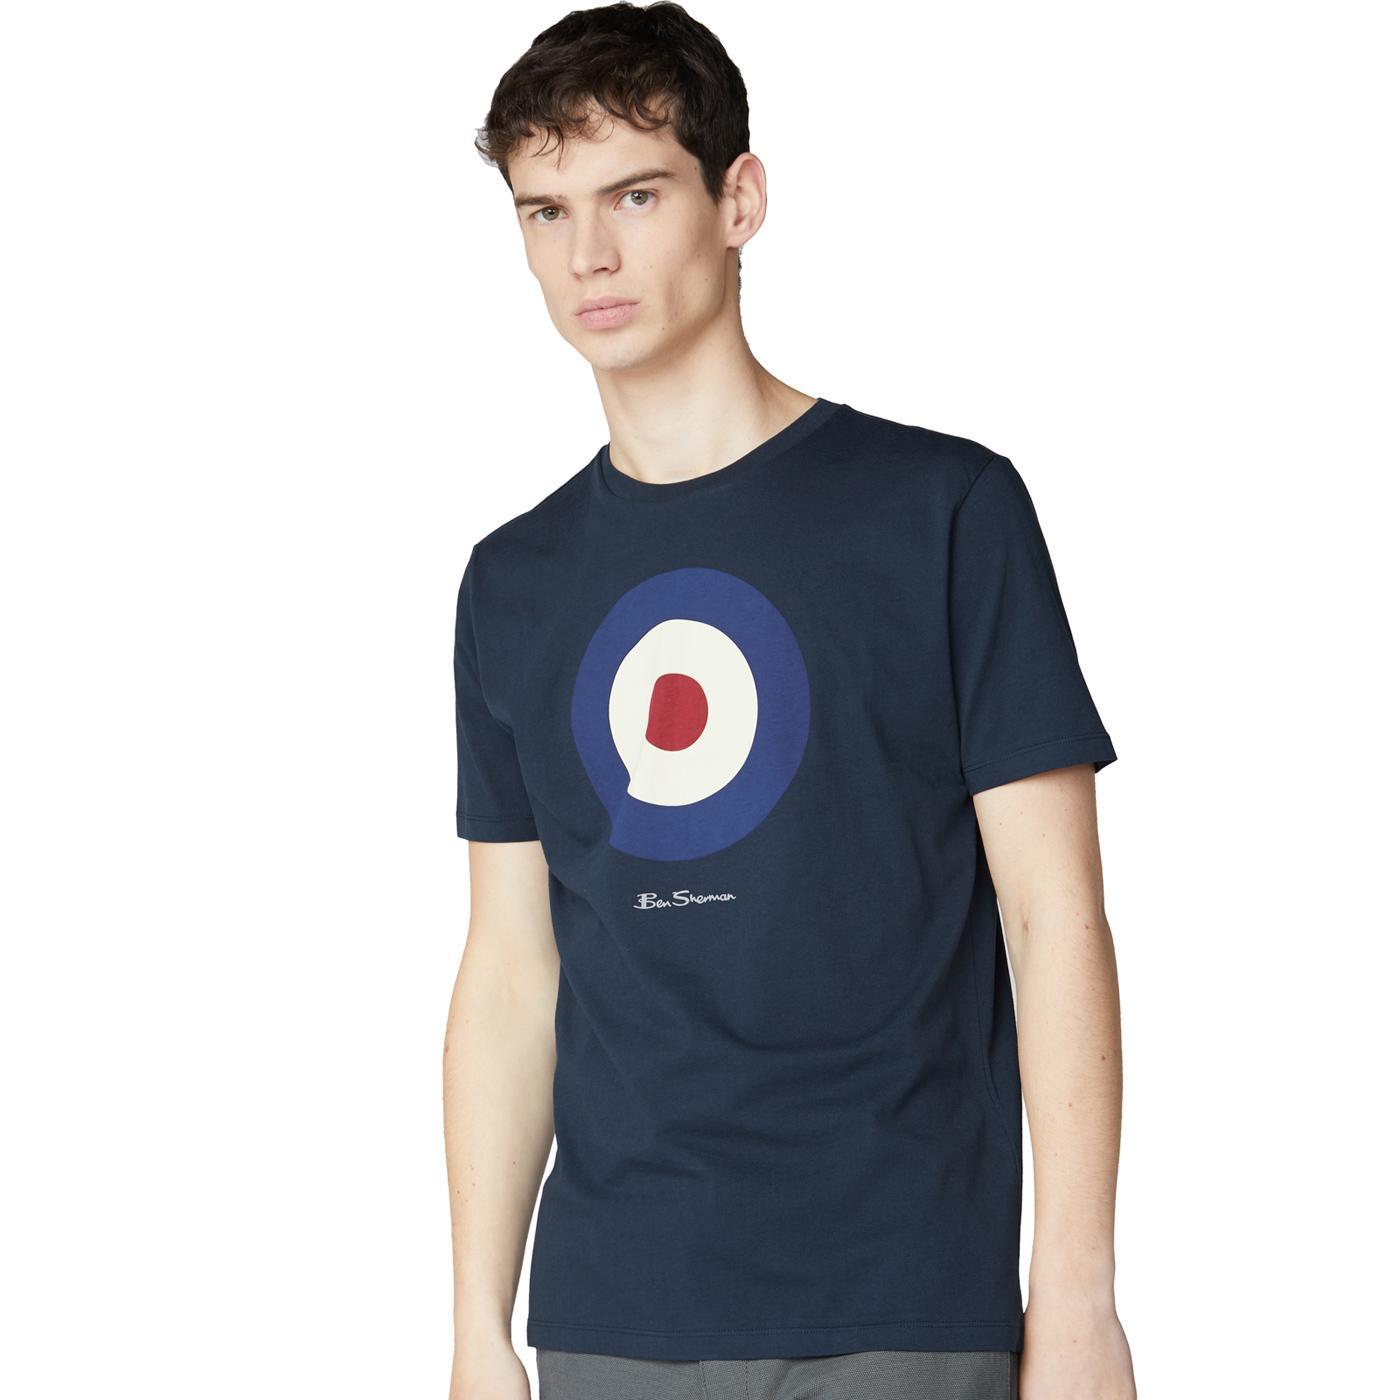 BEN SHERMAN Signature Mod Target T-shirt (Navy)